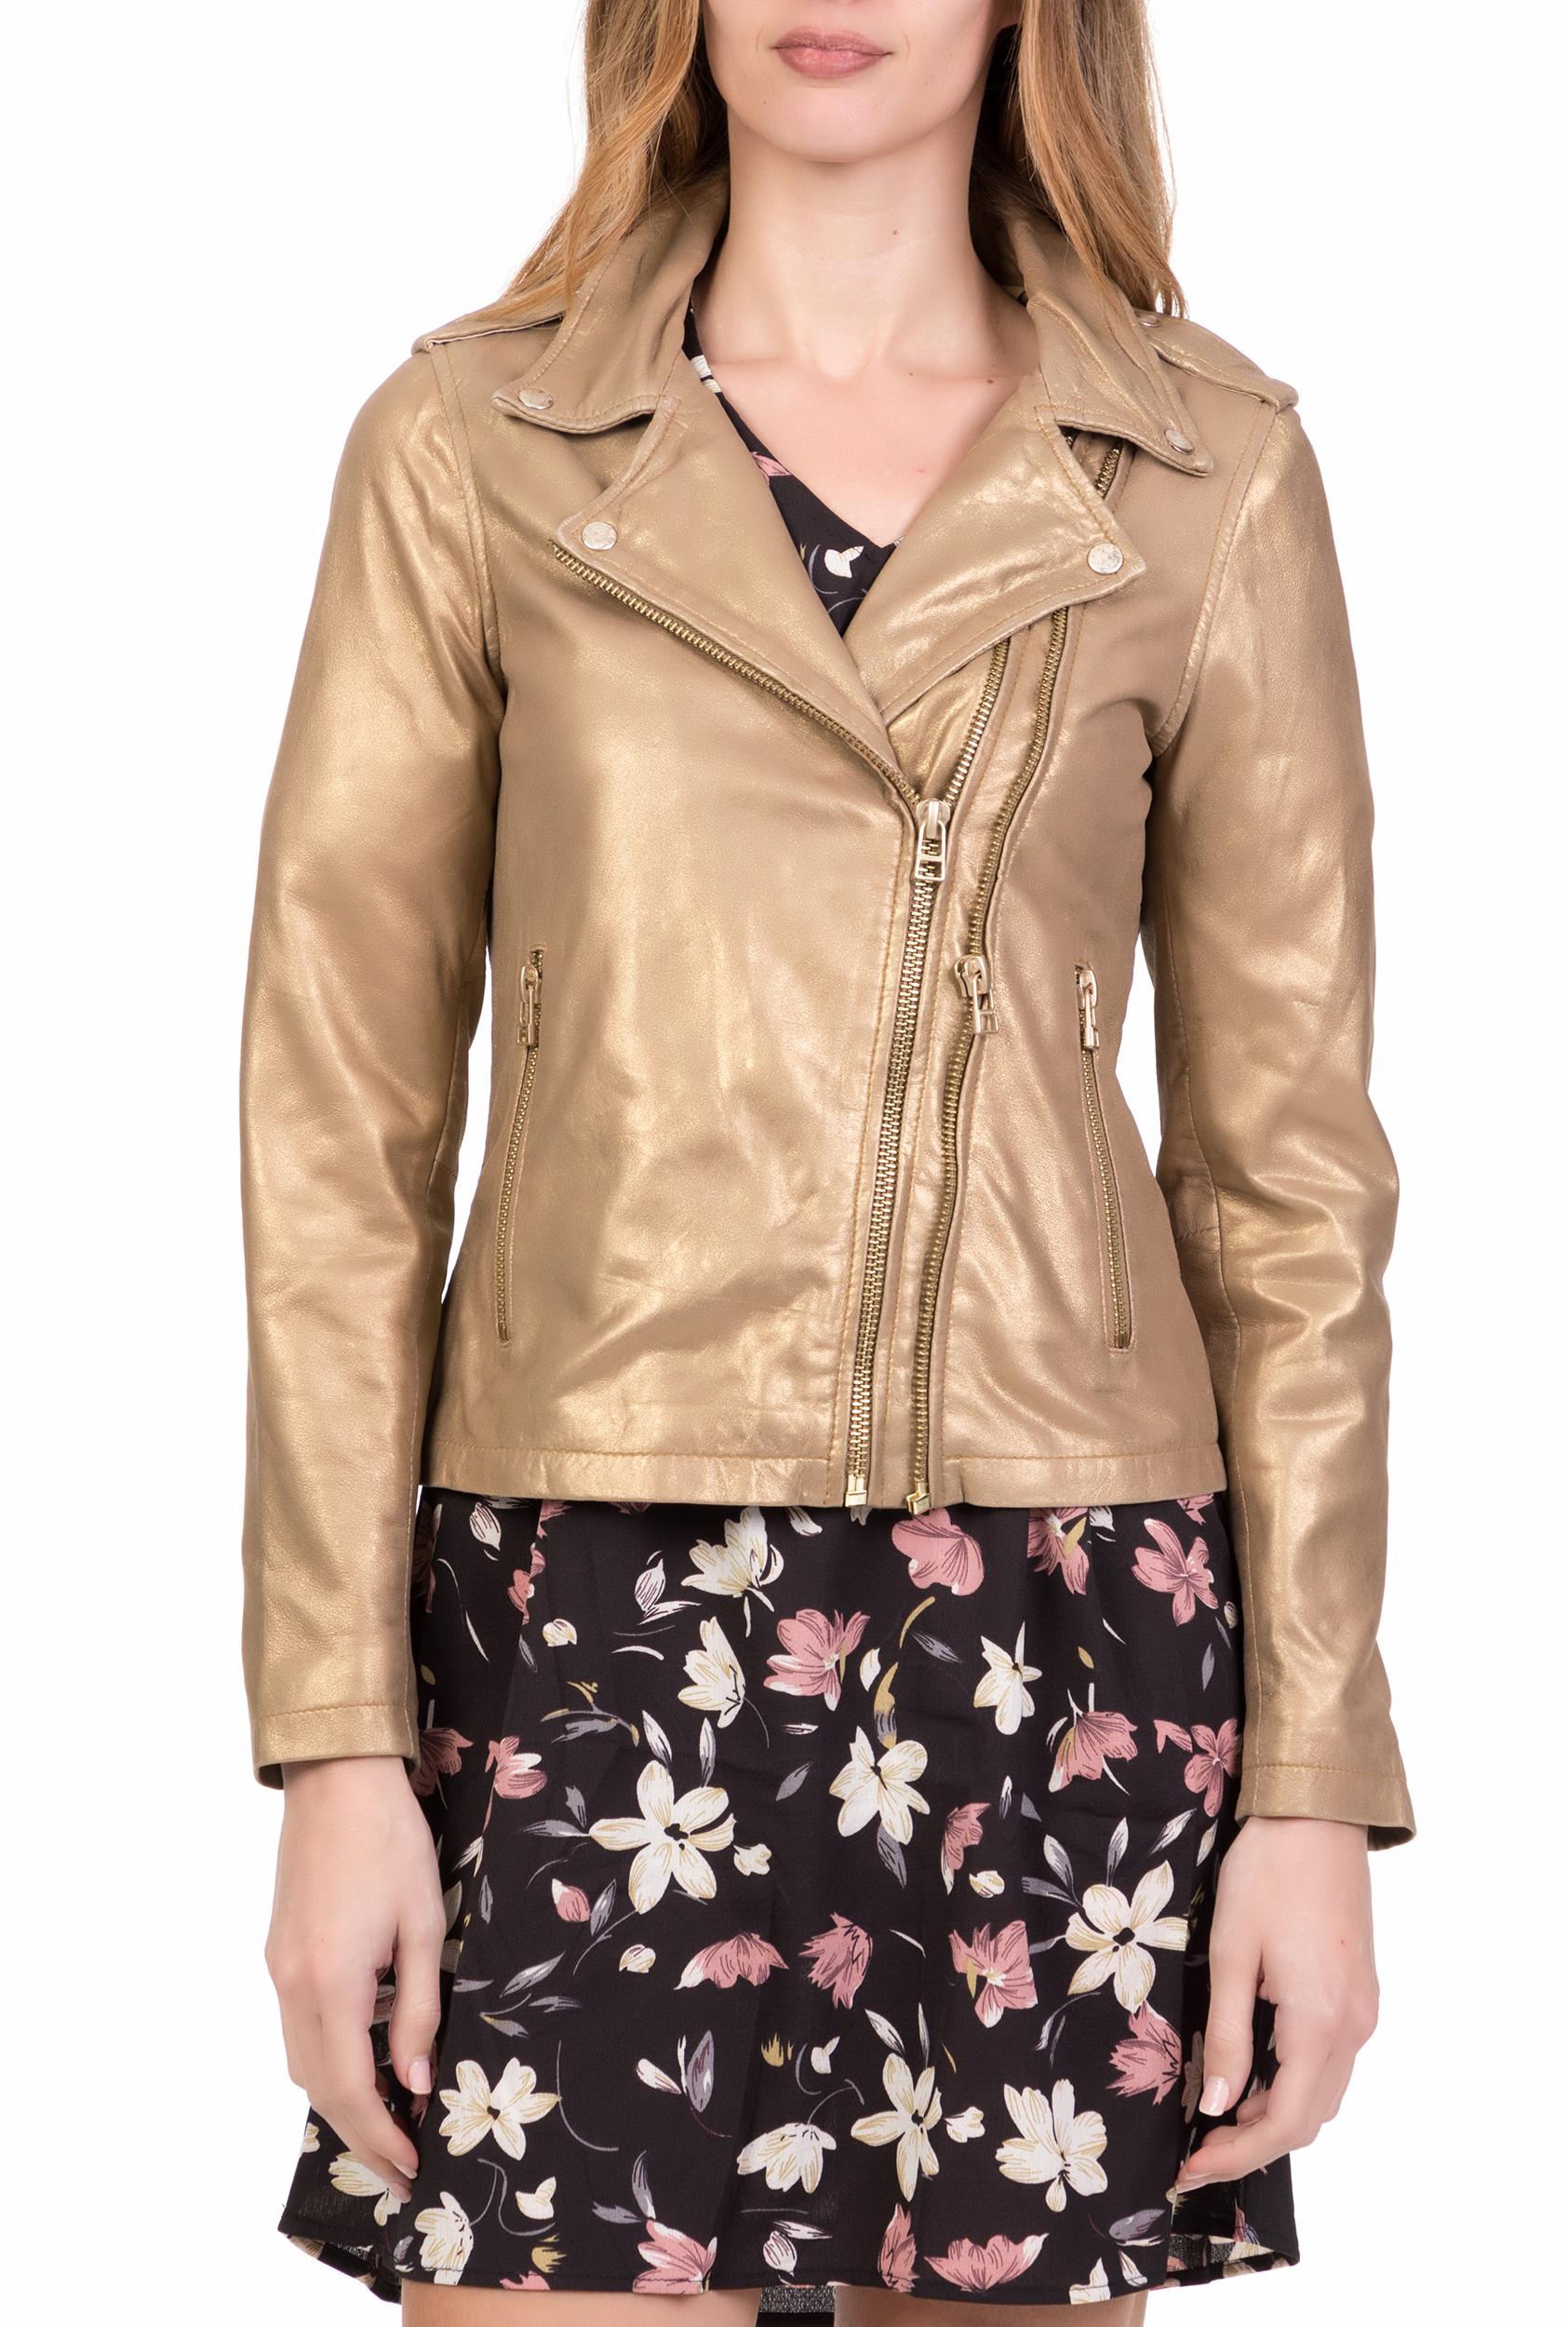 GOOSECRAFT - Γυναικείο δερμάτινο jacket BIKER513 GOOSECRAFT χρυσό